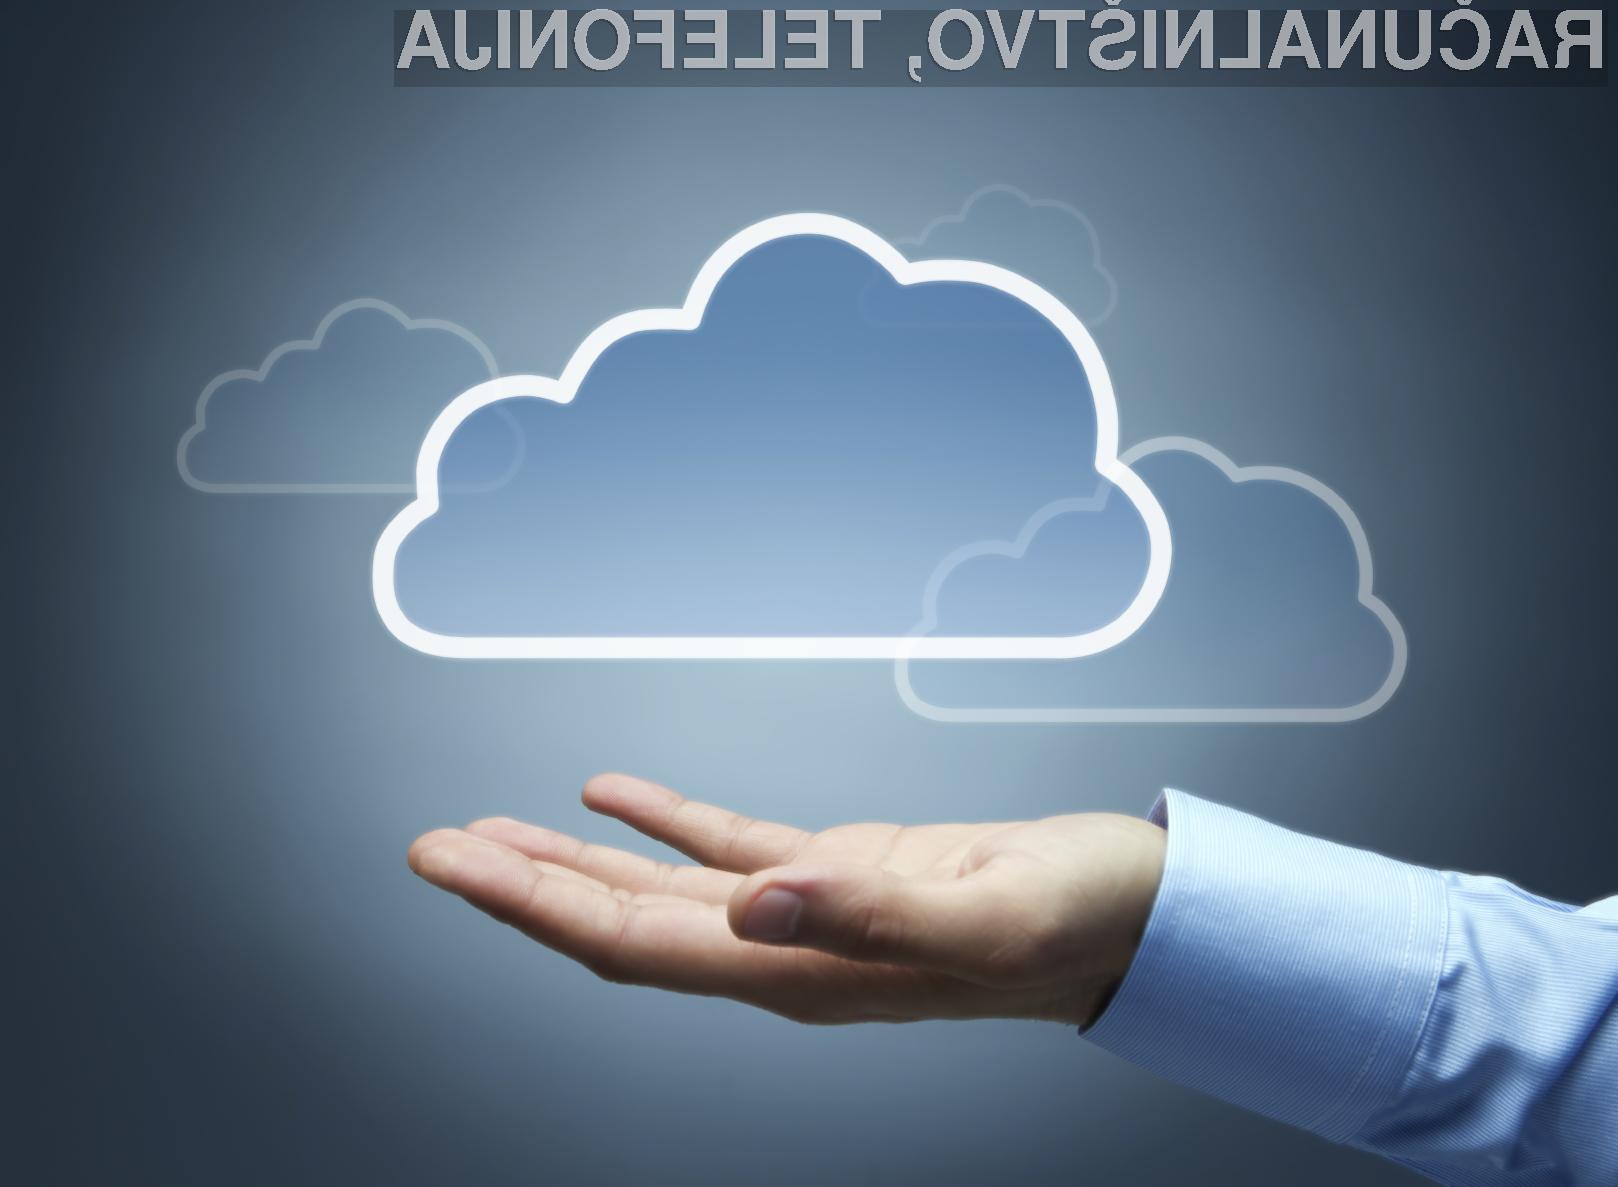 Storitve v oblaku so priložnost